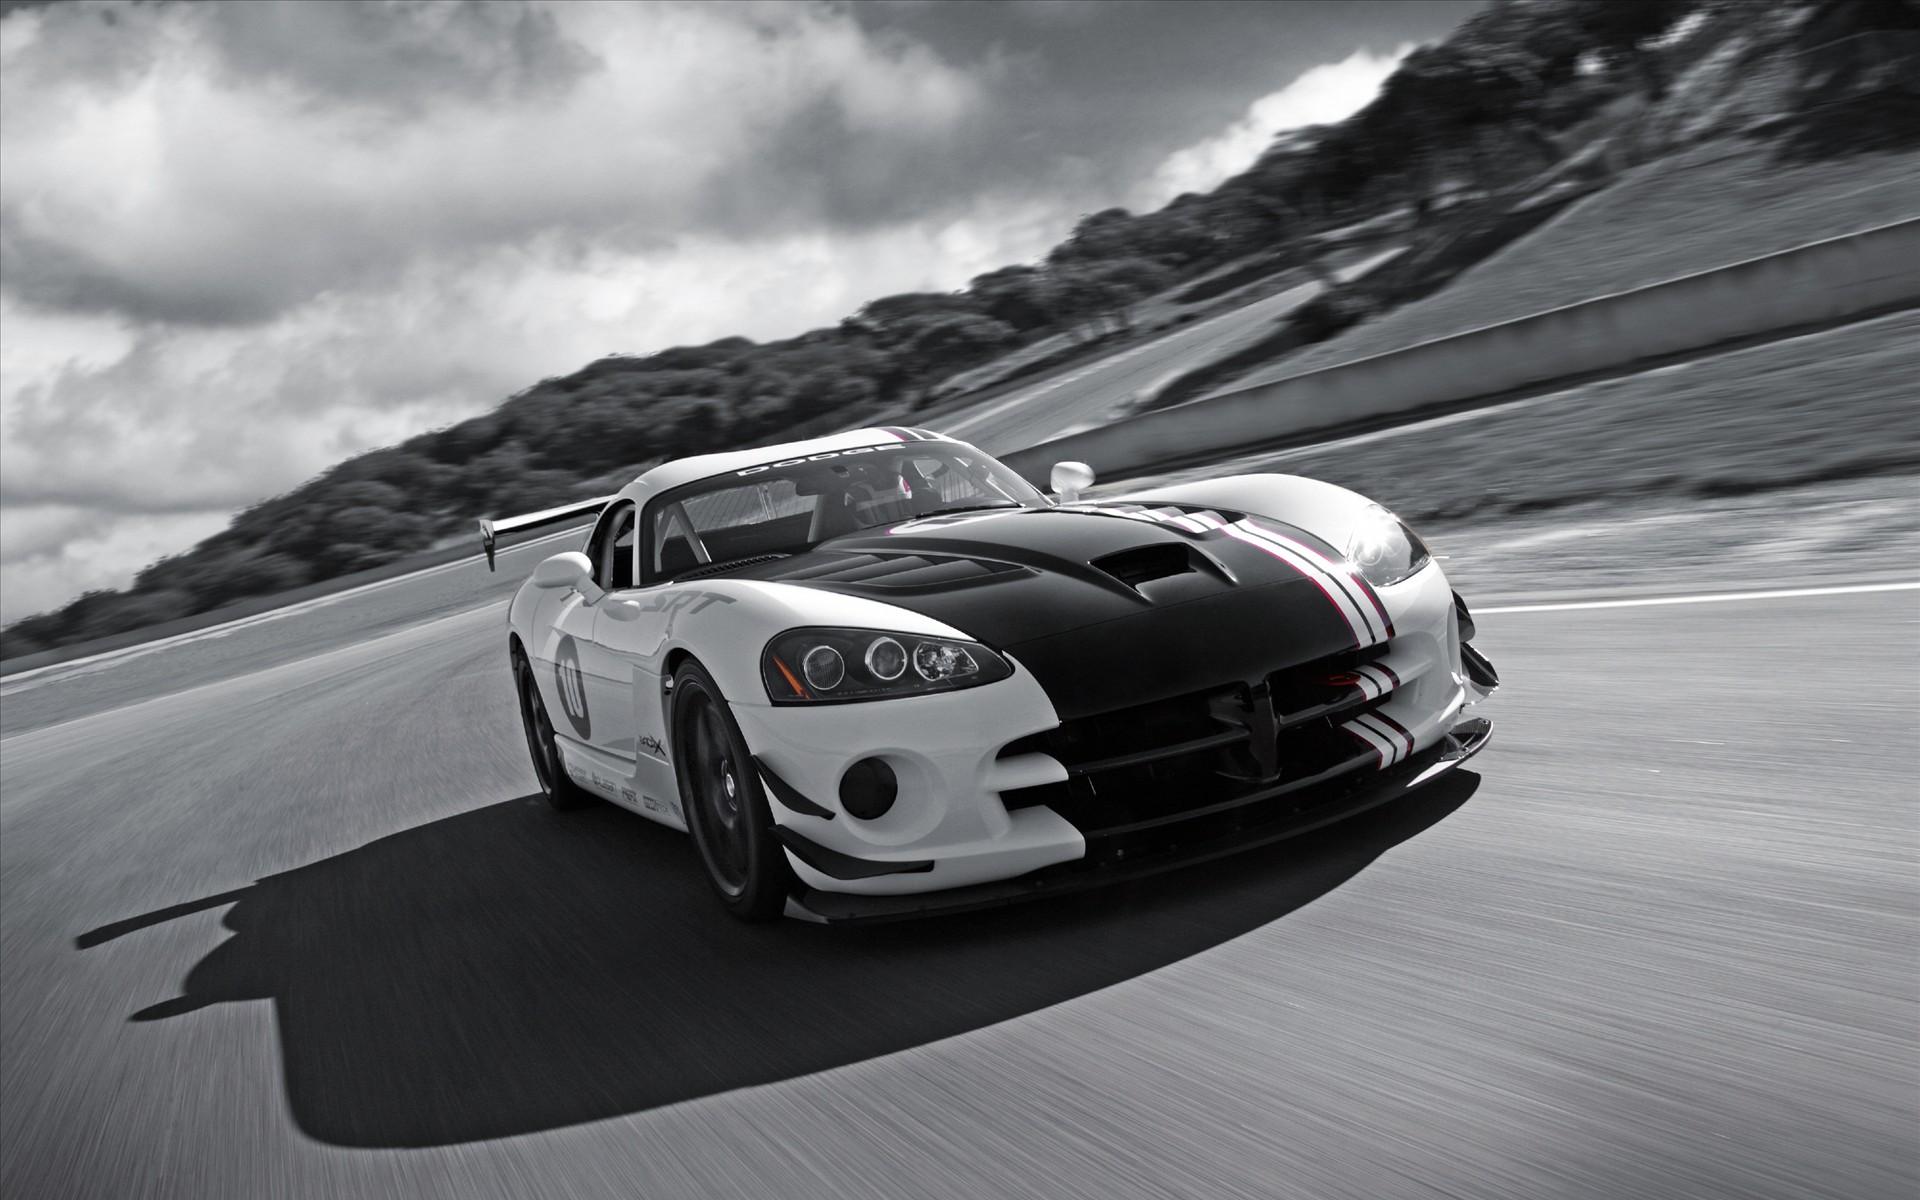 Dodge Viper Wallpaper 23695